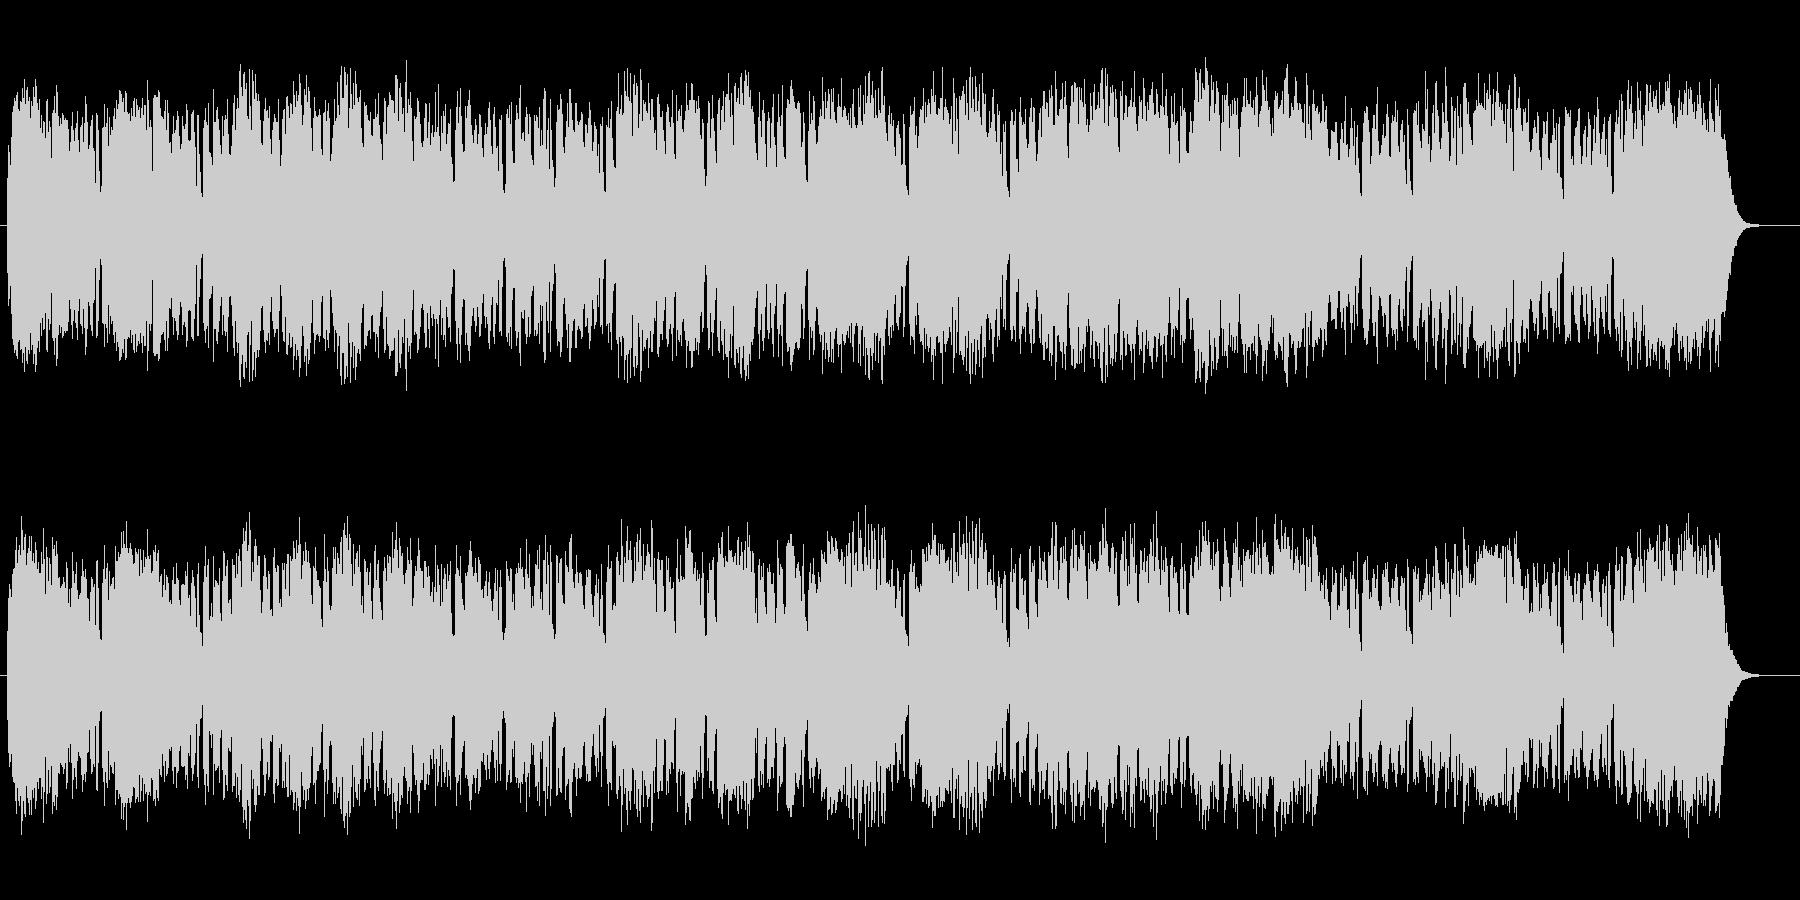 メロディアスで緩やかなシンセサウンドの未再生の波形